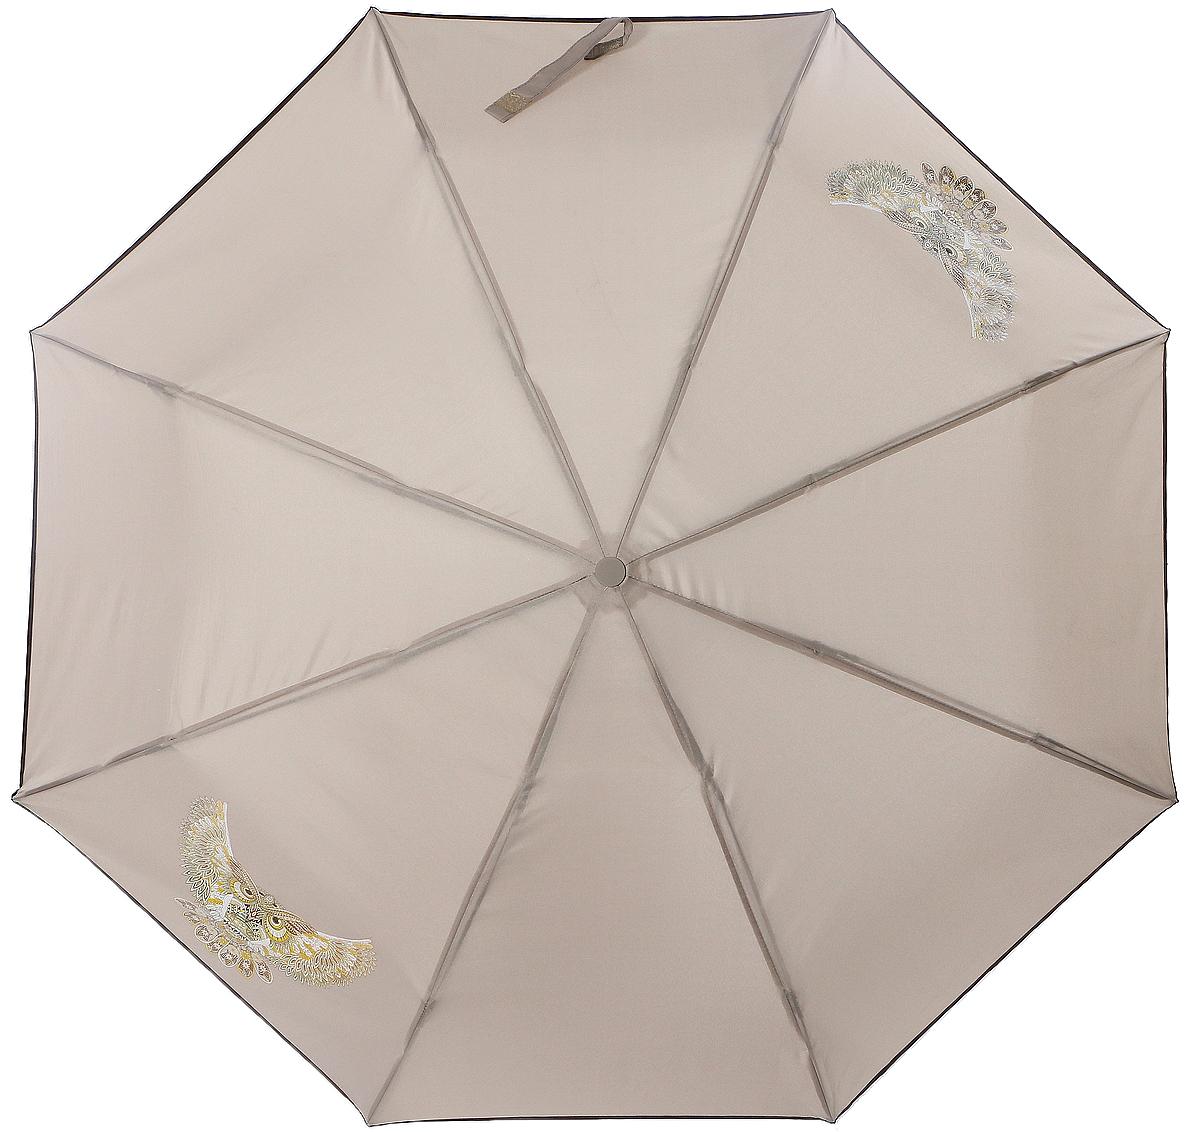 Зонт Artrain арт.3511-1708 зонт artrain механический 3 сложения цвет синий 3517 1732